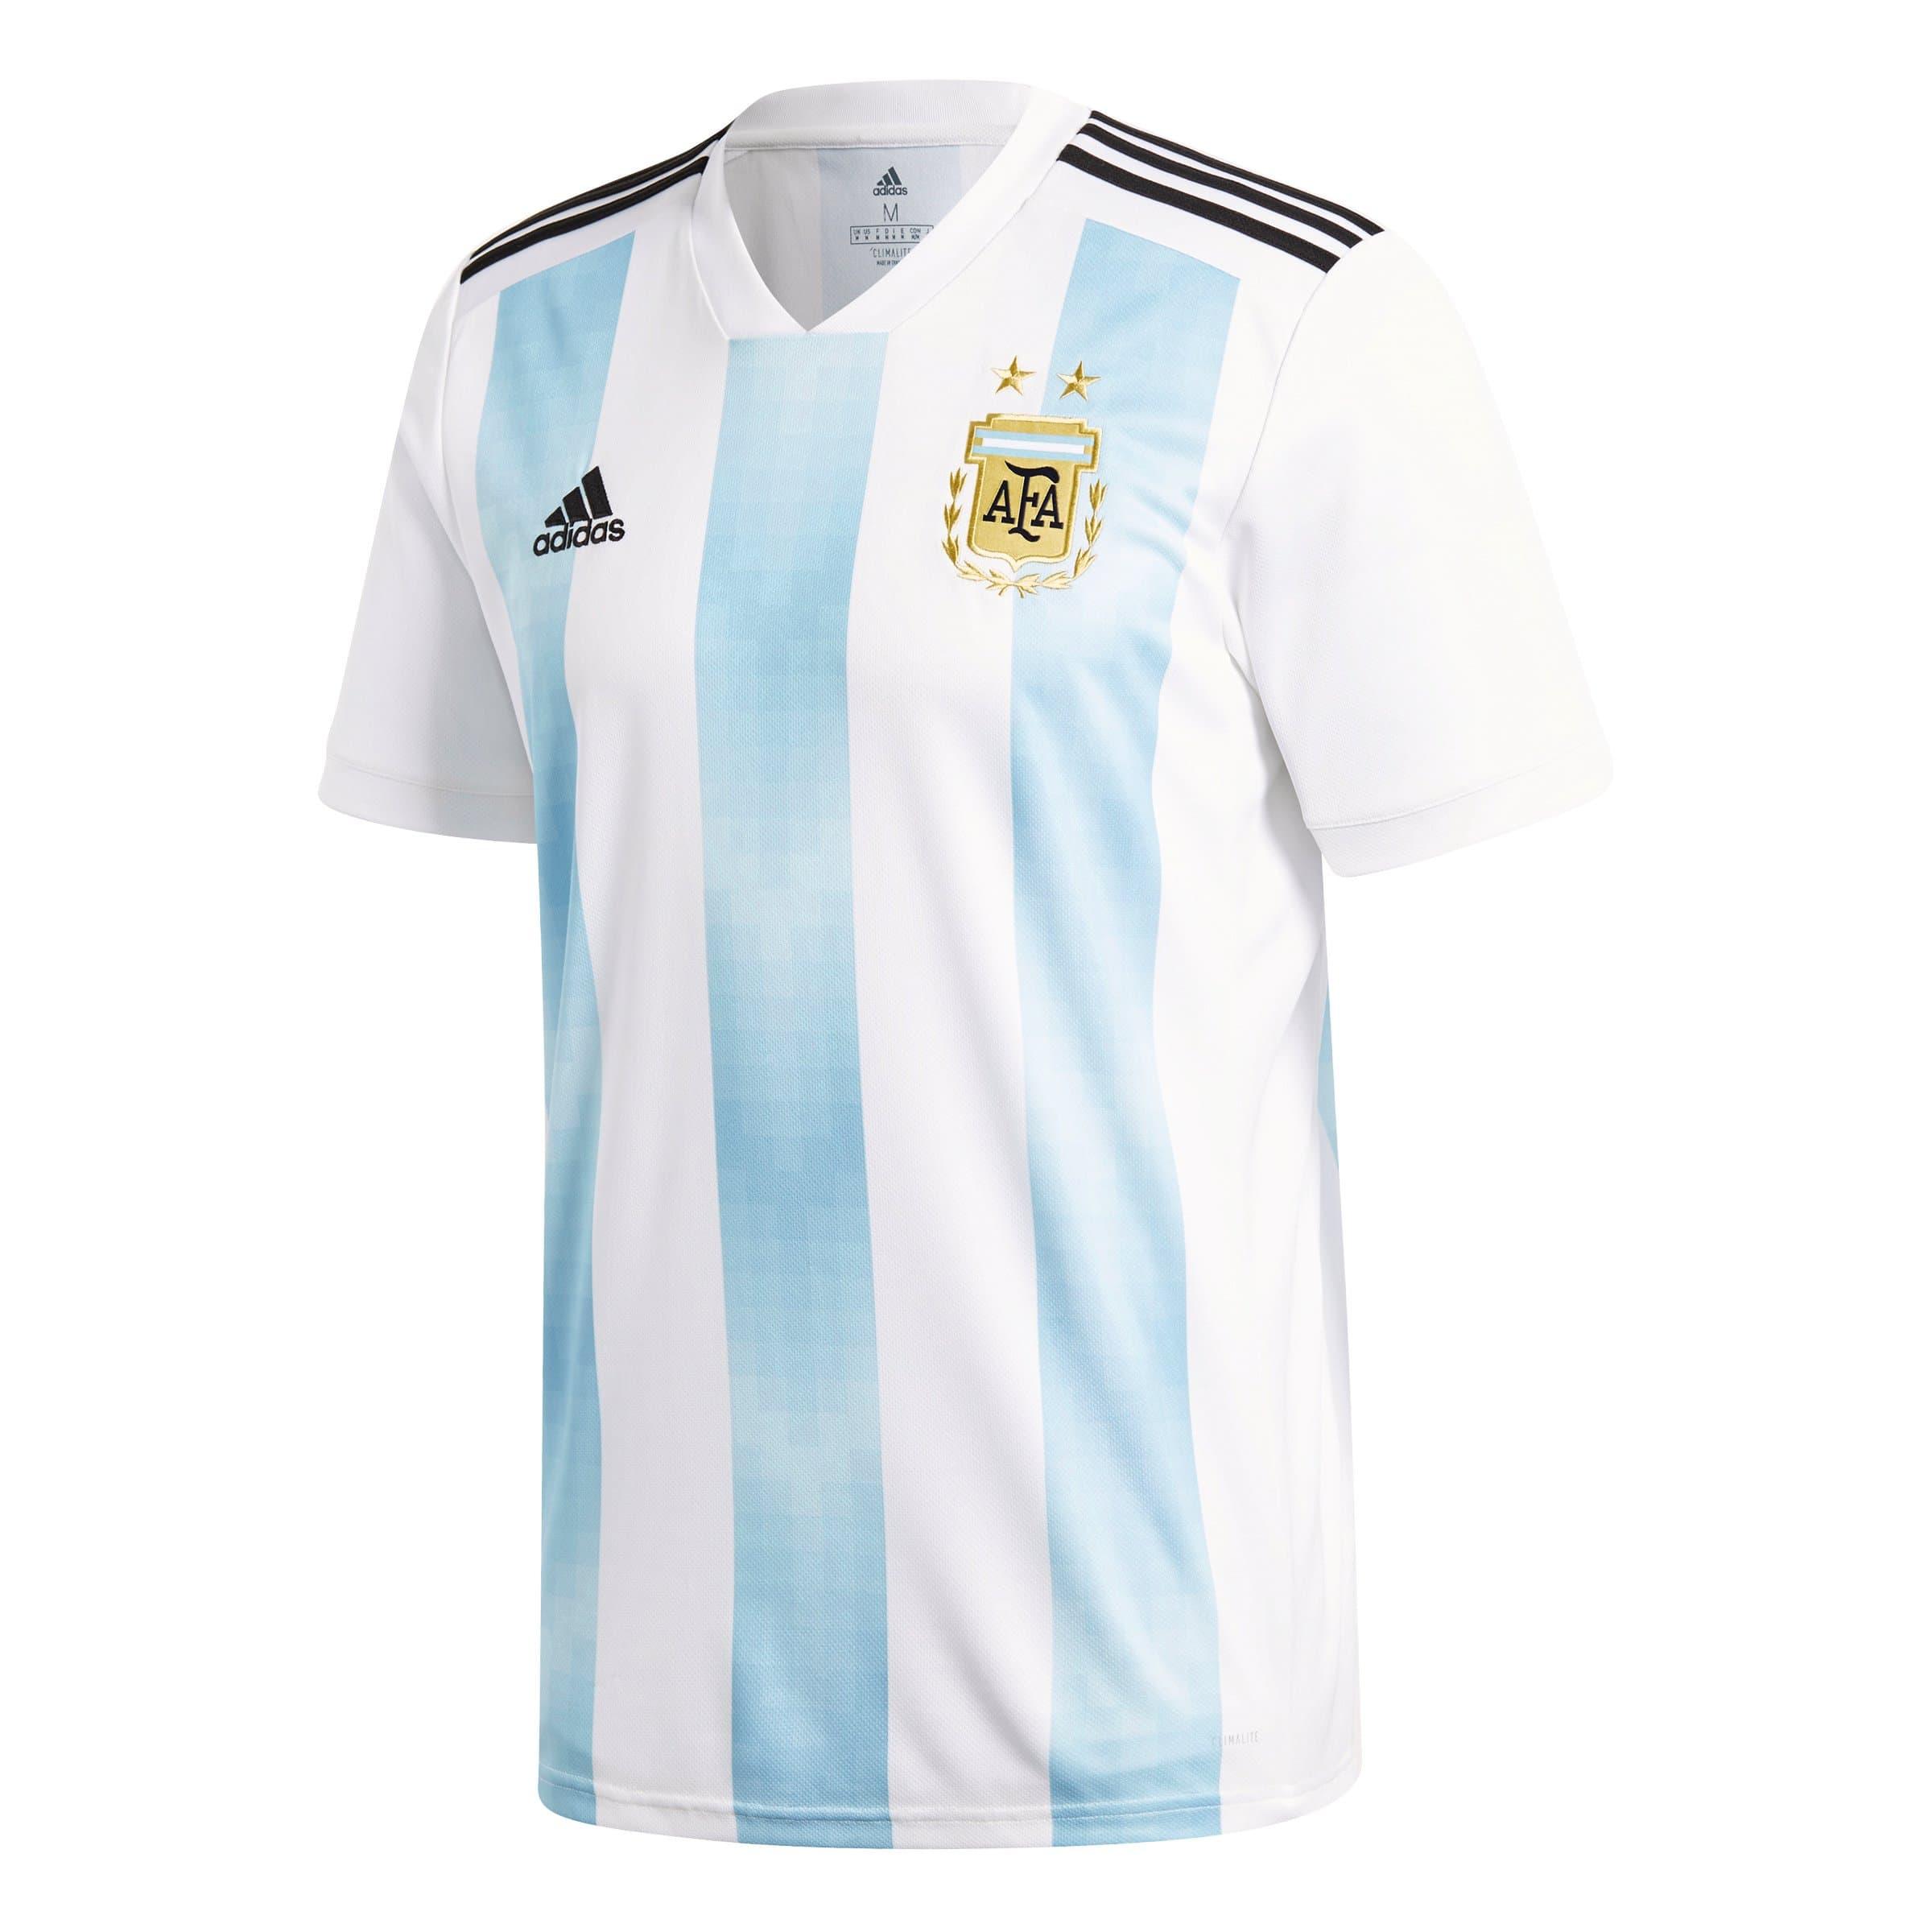 Adidas Argentina Home Jersey Riproduzione della maglietta della nazionale di calcio argentina